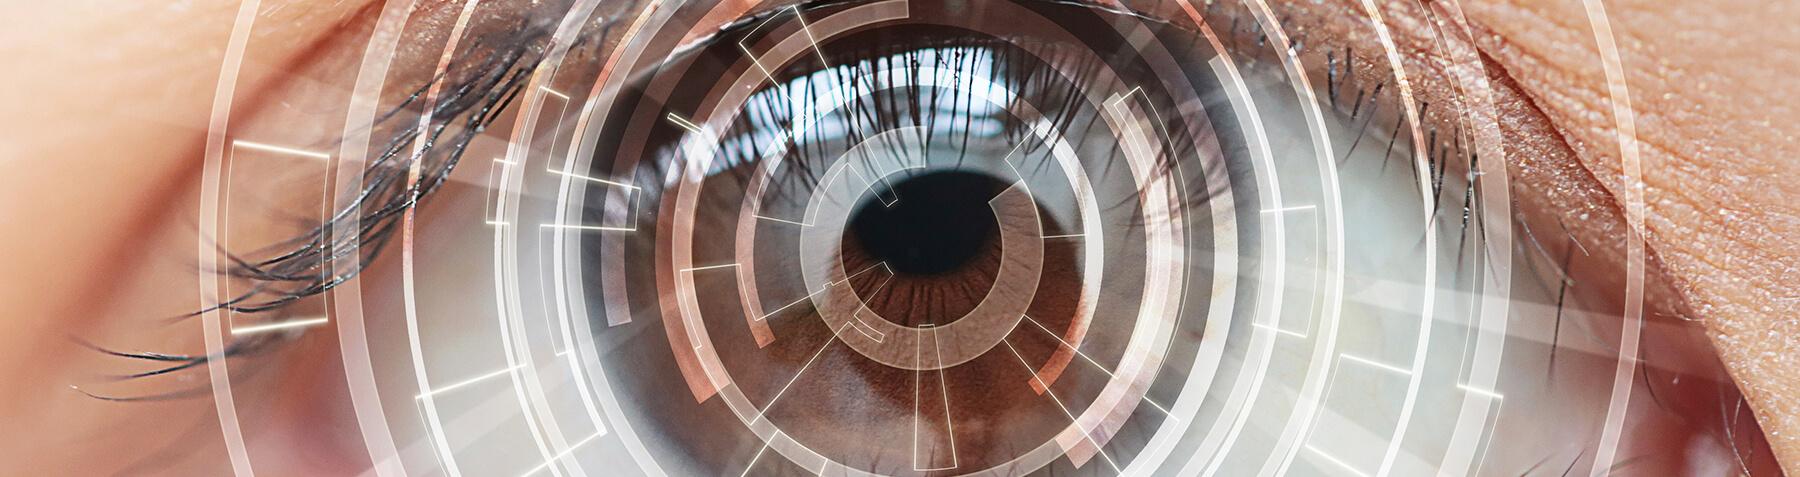 Optical surgery